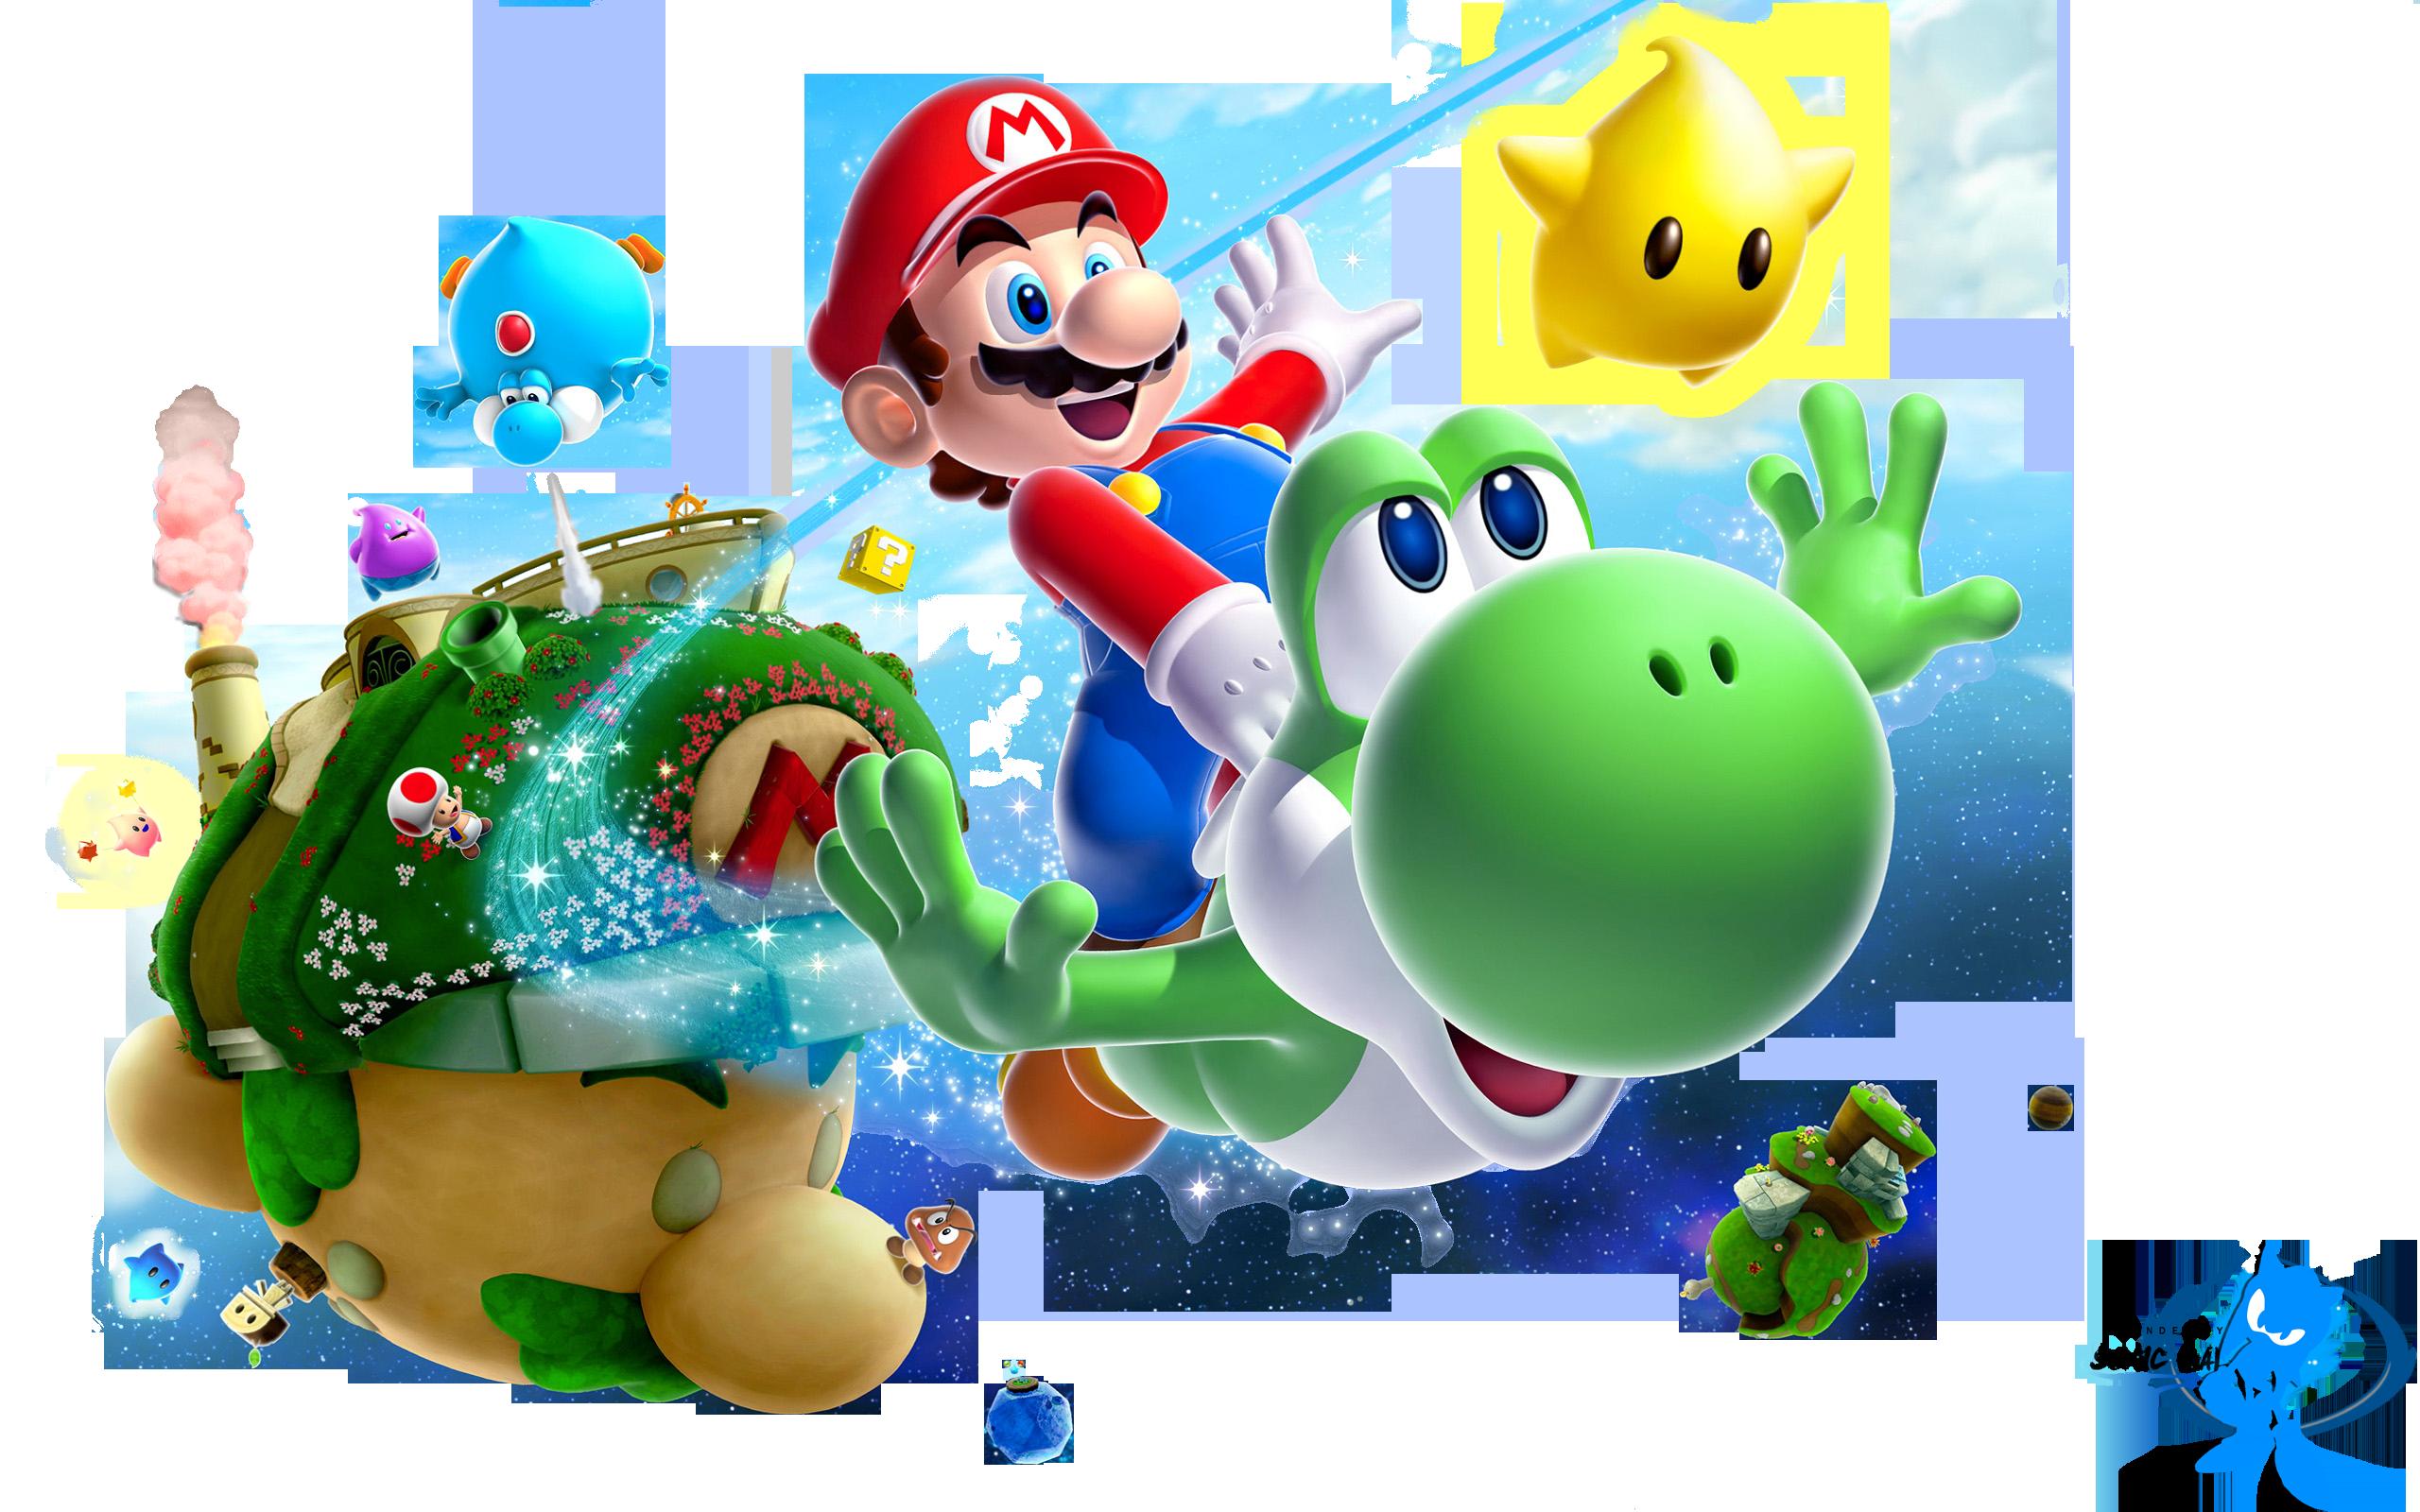 Free Download Desktop Wii Wallpapers Of Super Mario Galaxy 2 Mario